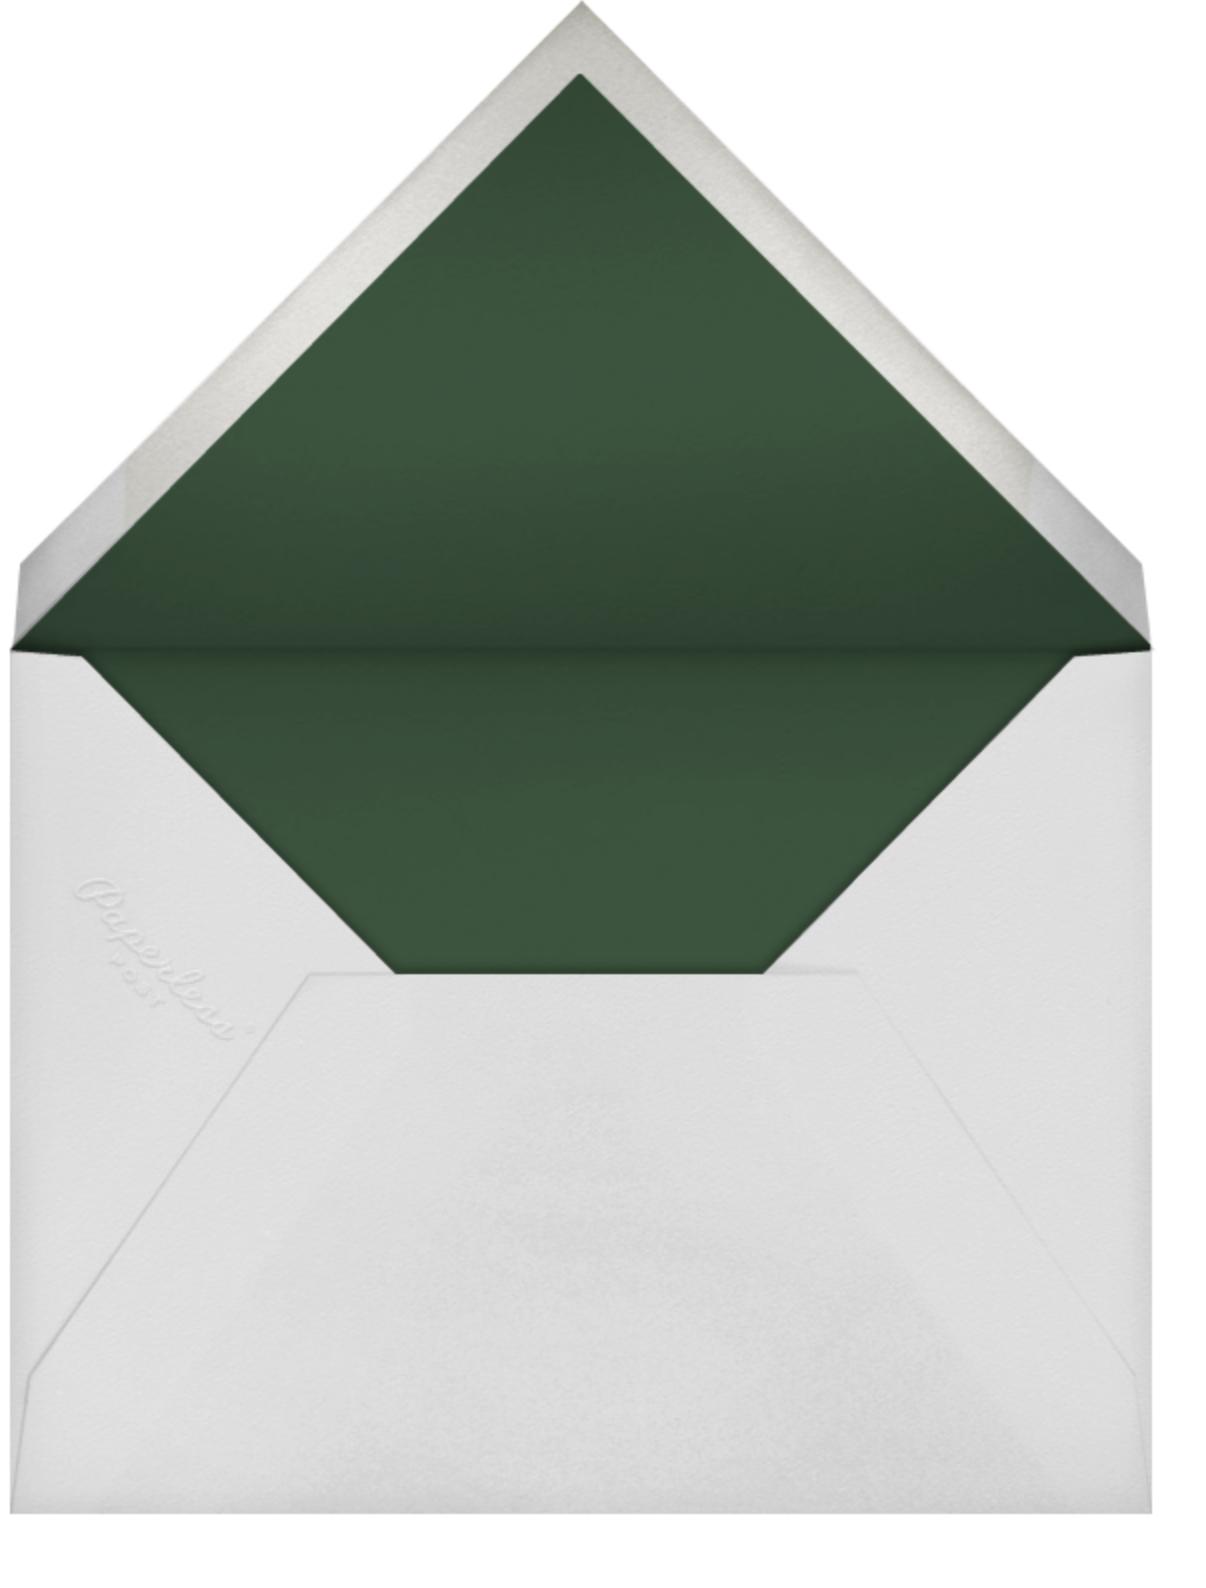 Embroidered Floral - Aquamarine - Oscar de la Renta - General entertaining - envelope back